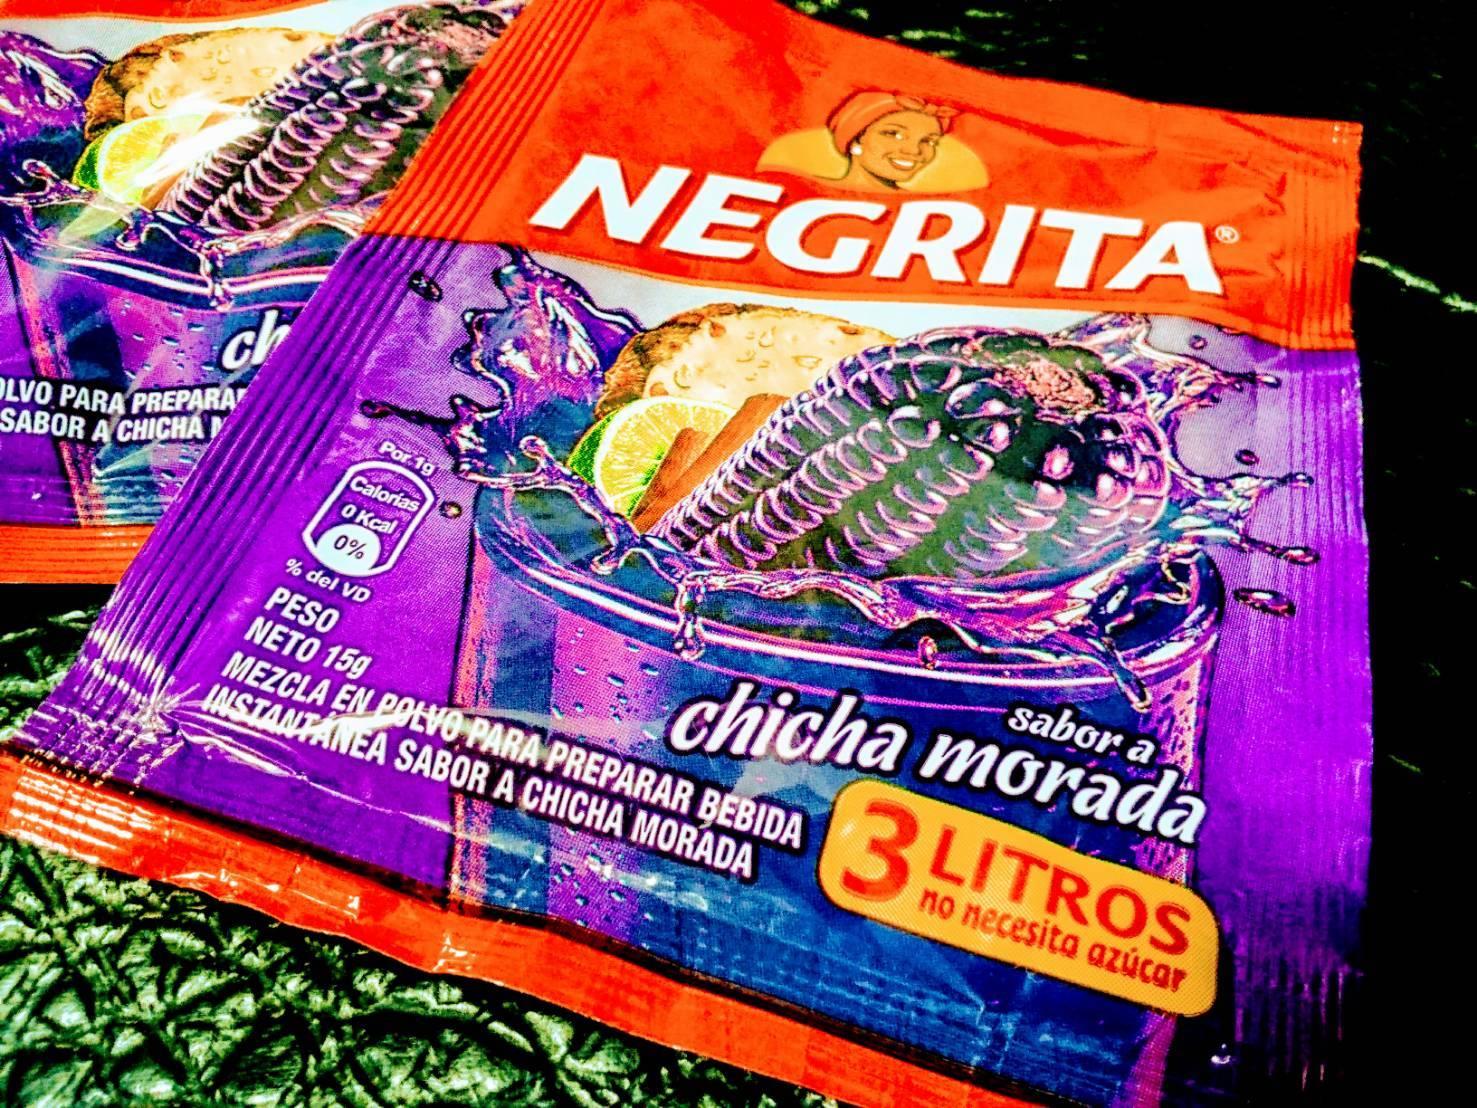 チチャモラーダ 1袋(15g)粉末ジュース